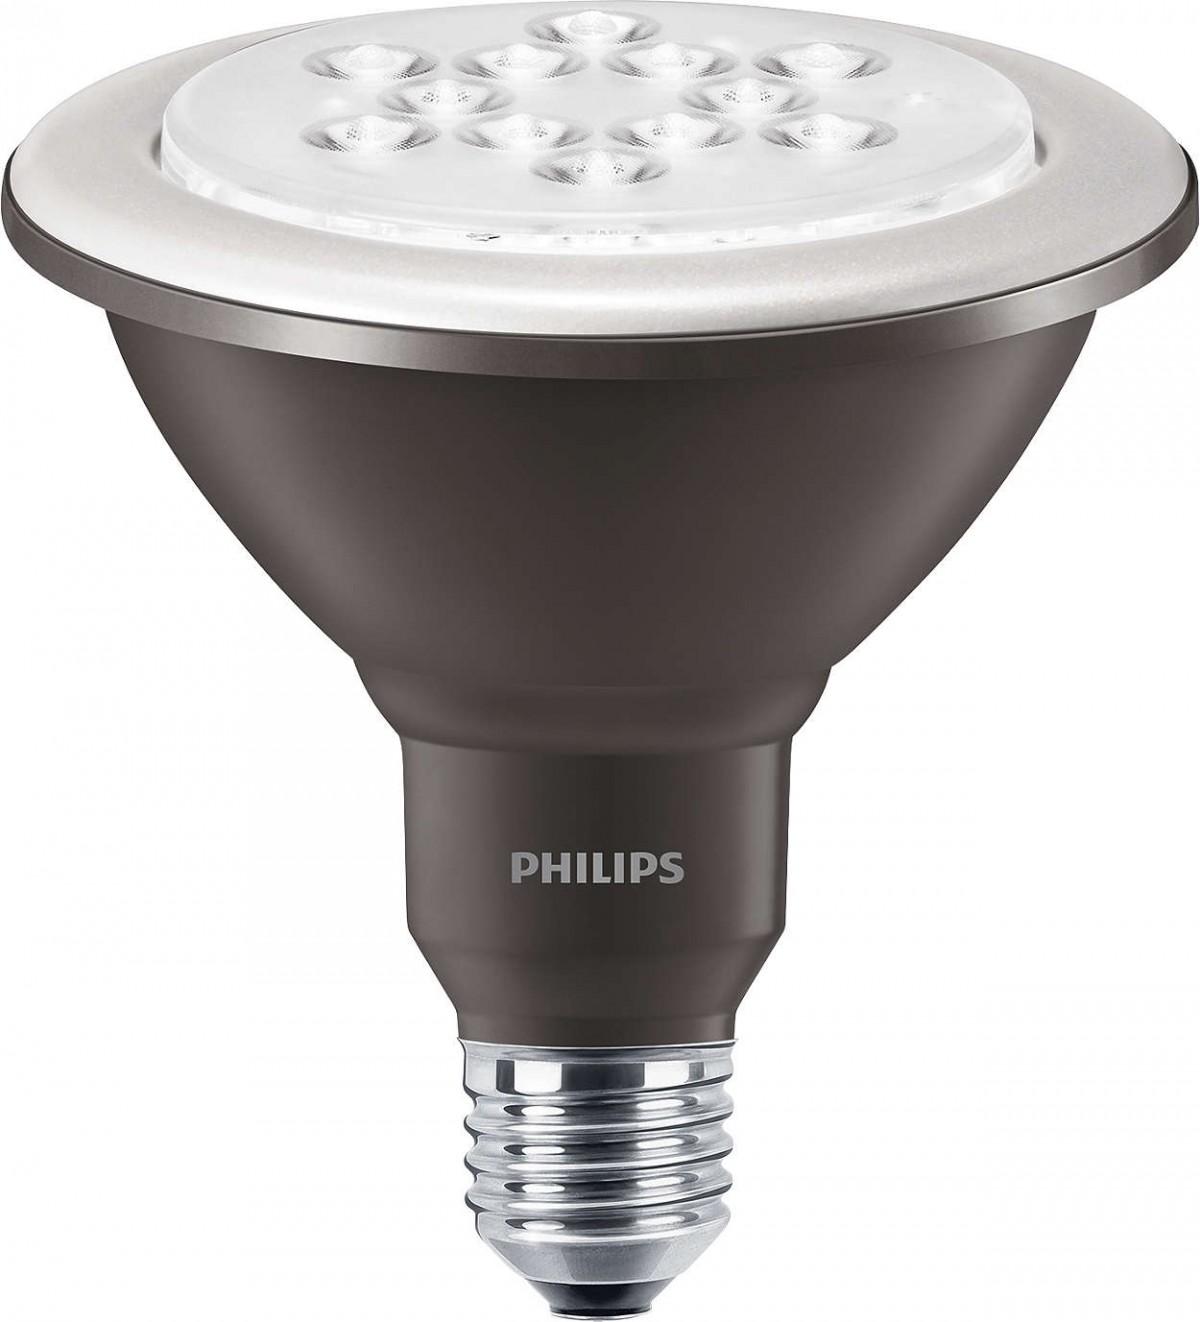 LED žárovka úsporná Philips 13W -> ekvivalent 100W E27 - MASTER LEDspot D 13-100W 827 PAR38 25D